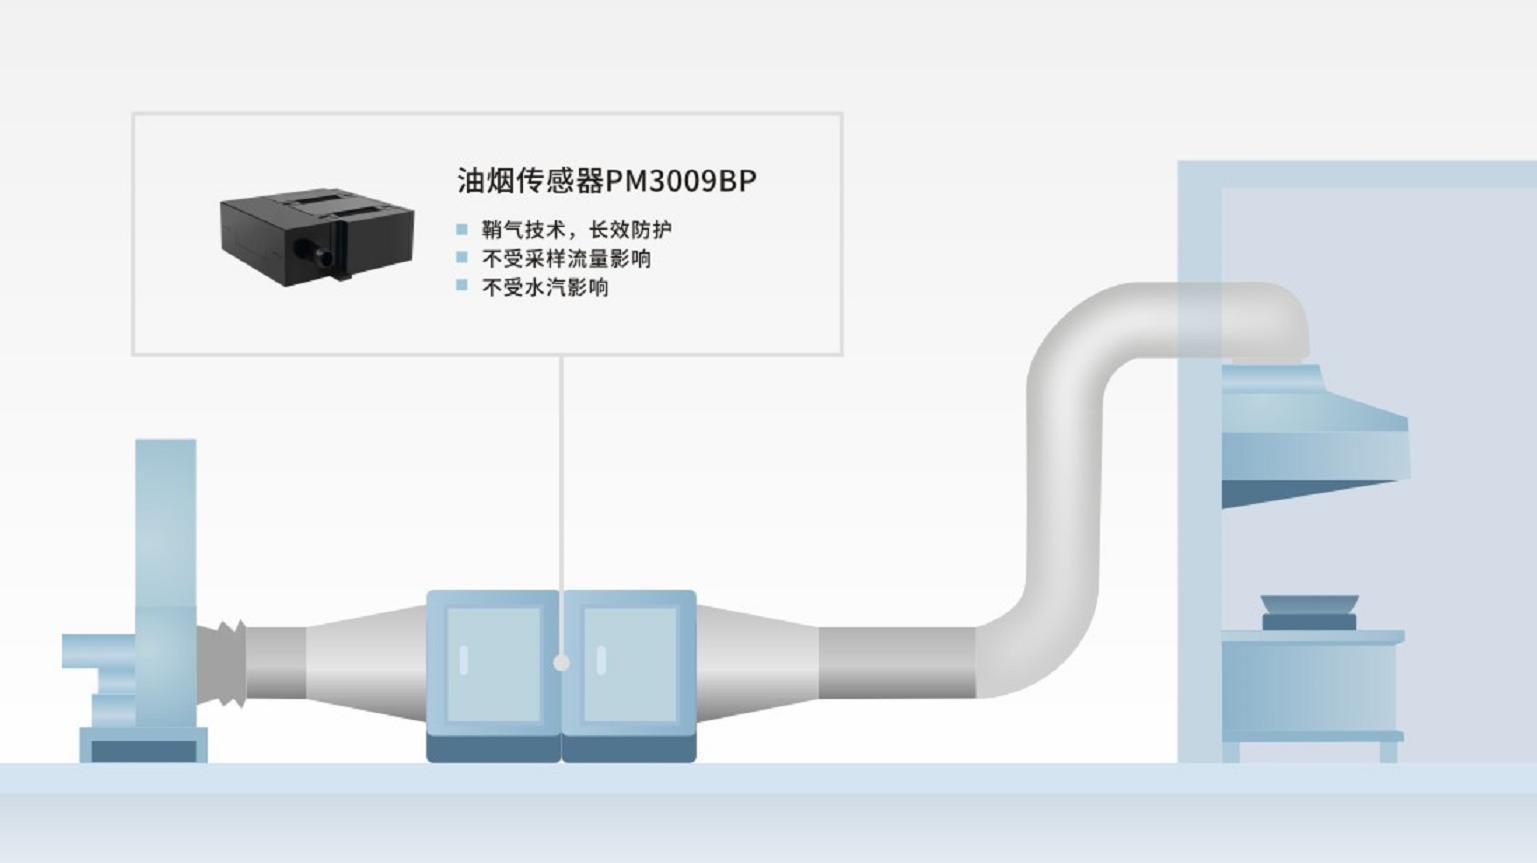 四方光电油烟传感器:树立油烟排放监测的新标杆